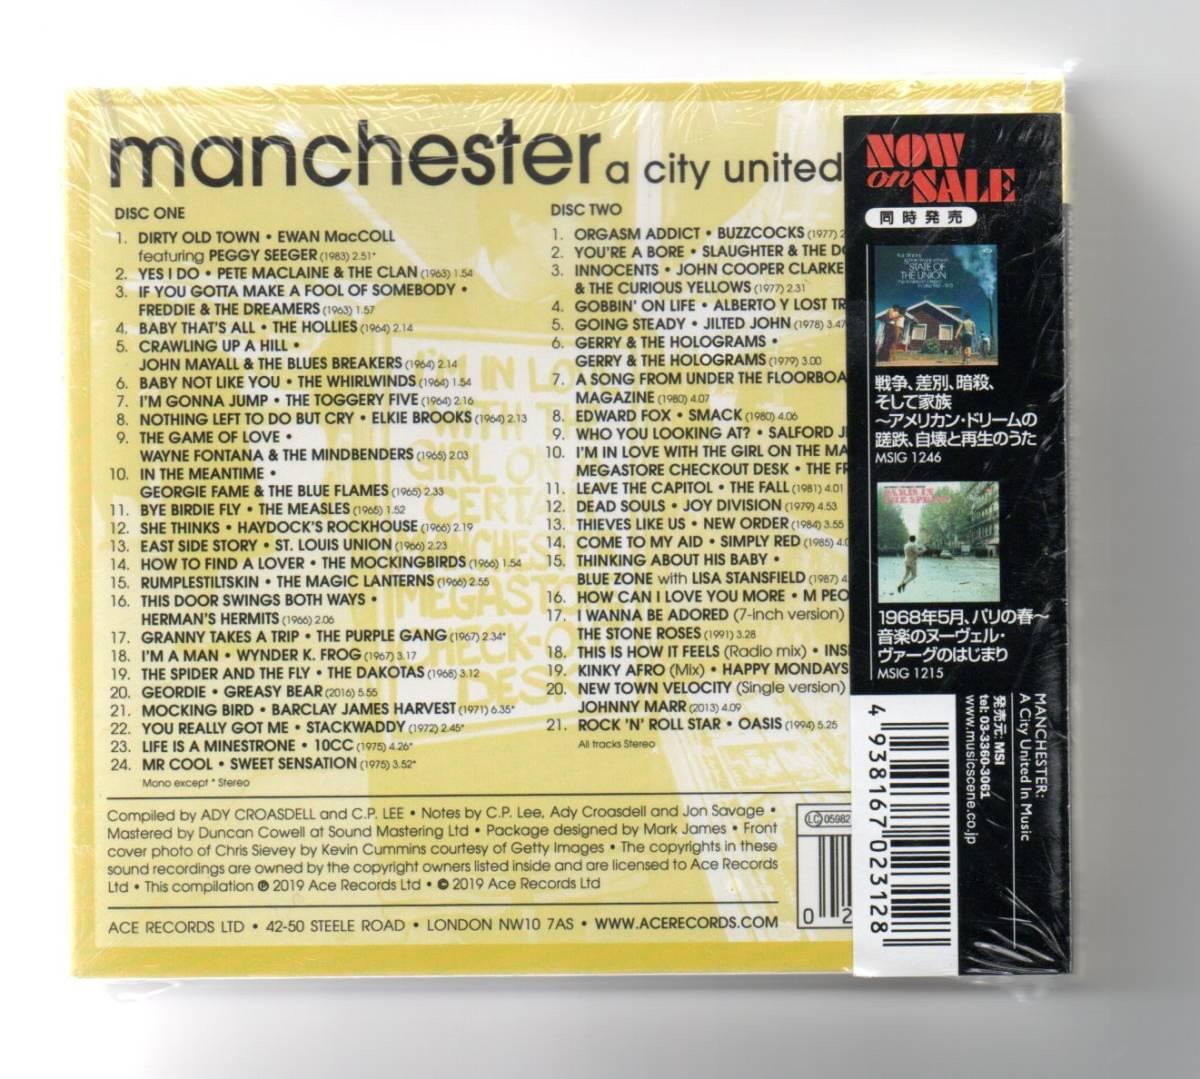 マンチェスター、音楽に育てられた街~イワン・マッコールからオアシスまで マンチェスター出身のアーティストの曲を集めたコンピ 2枚組 _画像2